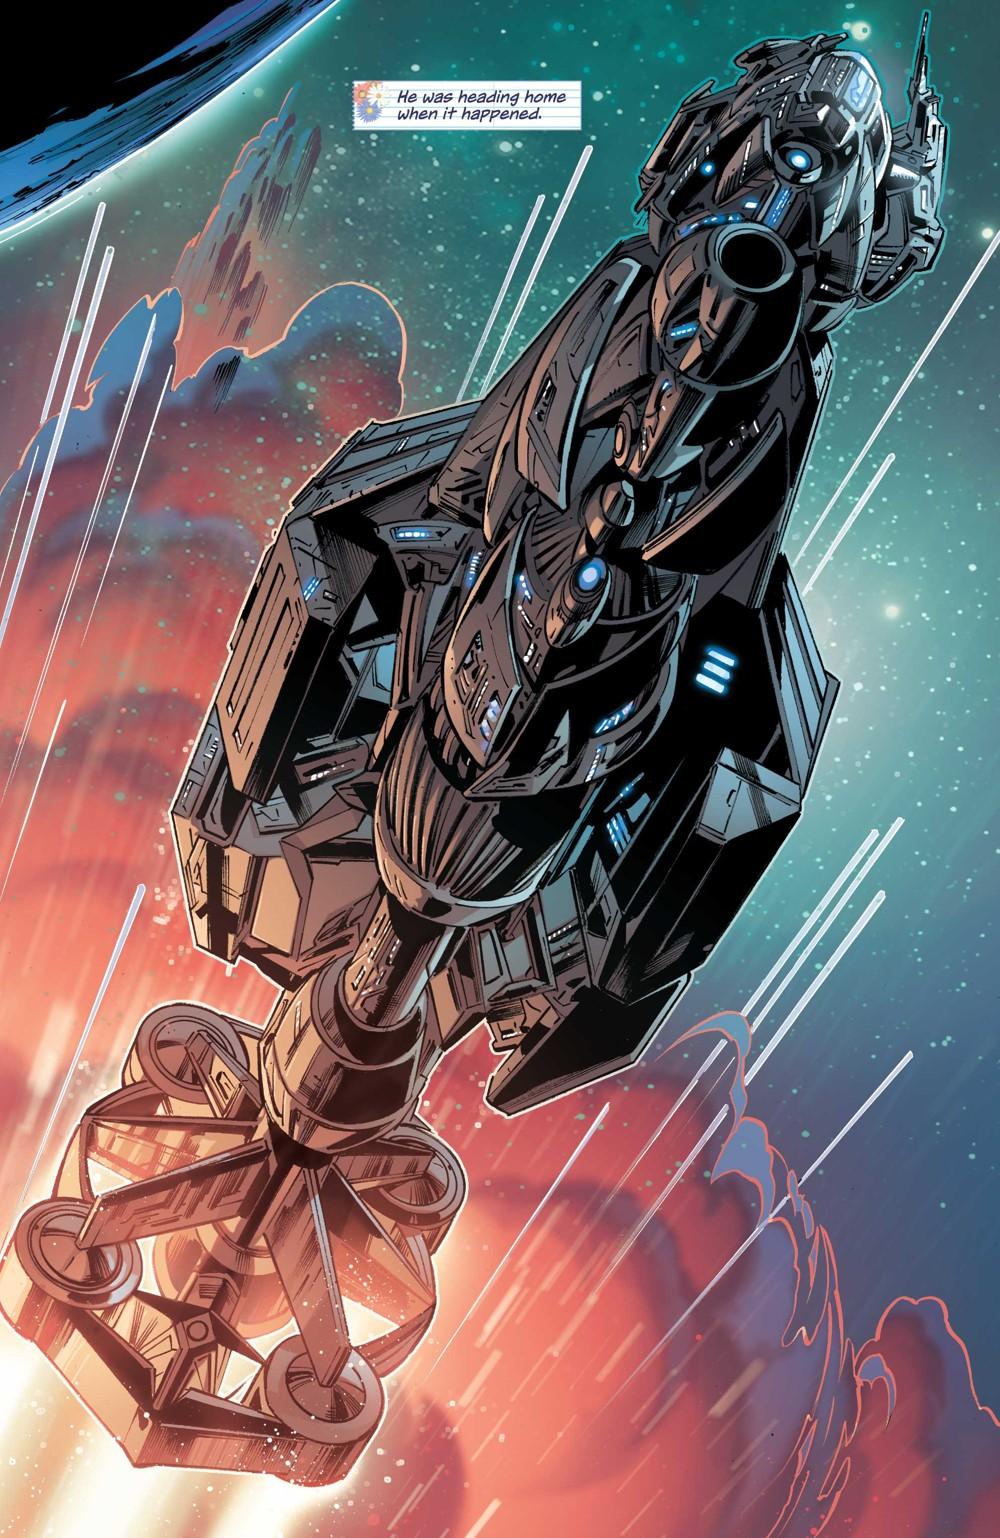 Icon-and-Rocket-Season-One-1-5_60fa1f05433041.95629317 ComicList Previews: ICON AND ROCKET SEASON ONE #1 (OF 6)